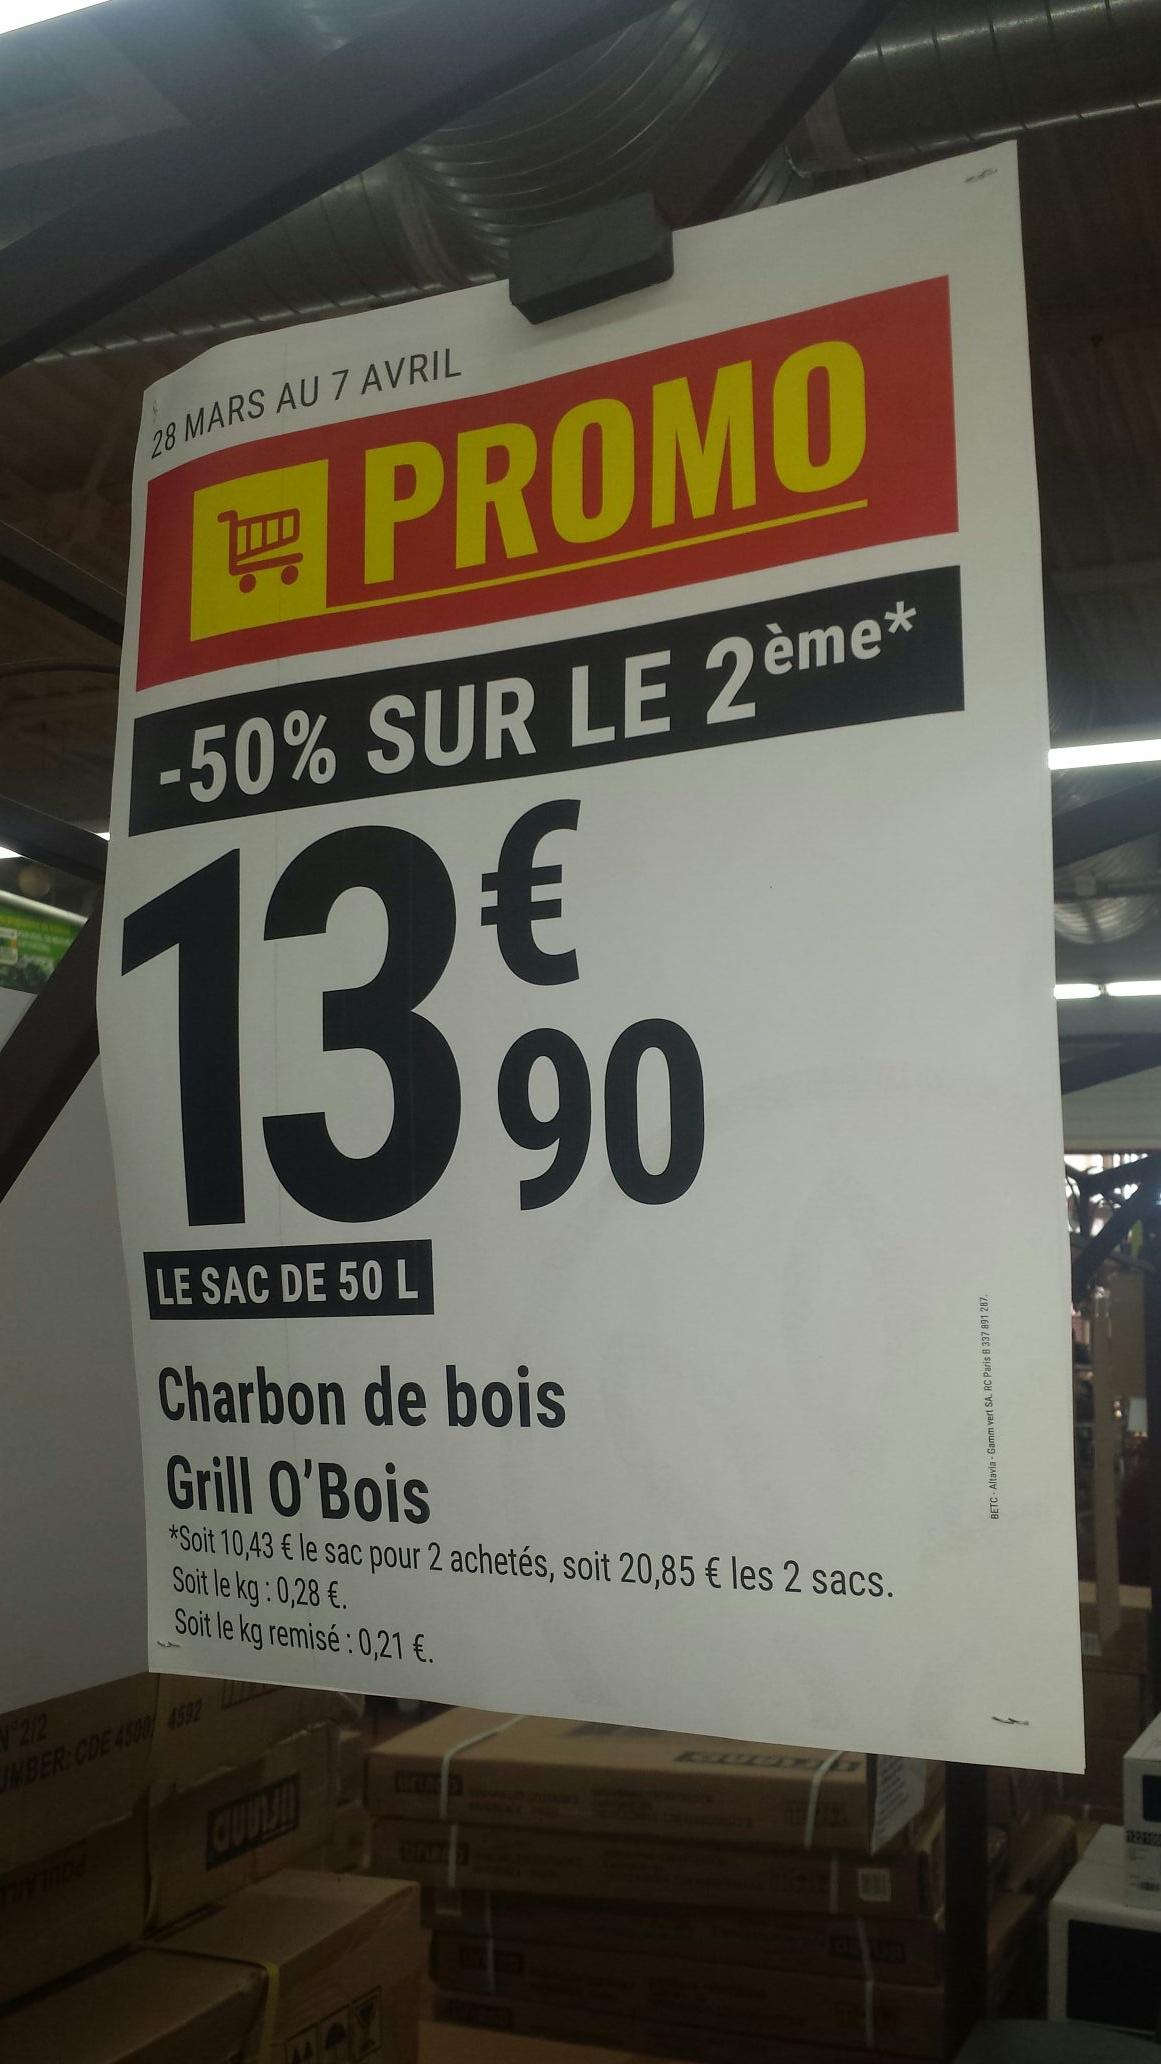 Lot de 2 sacs de Charbon de bois (2*50Kg) - Gam Vert Pertuis (84)